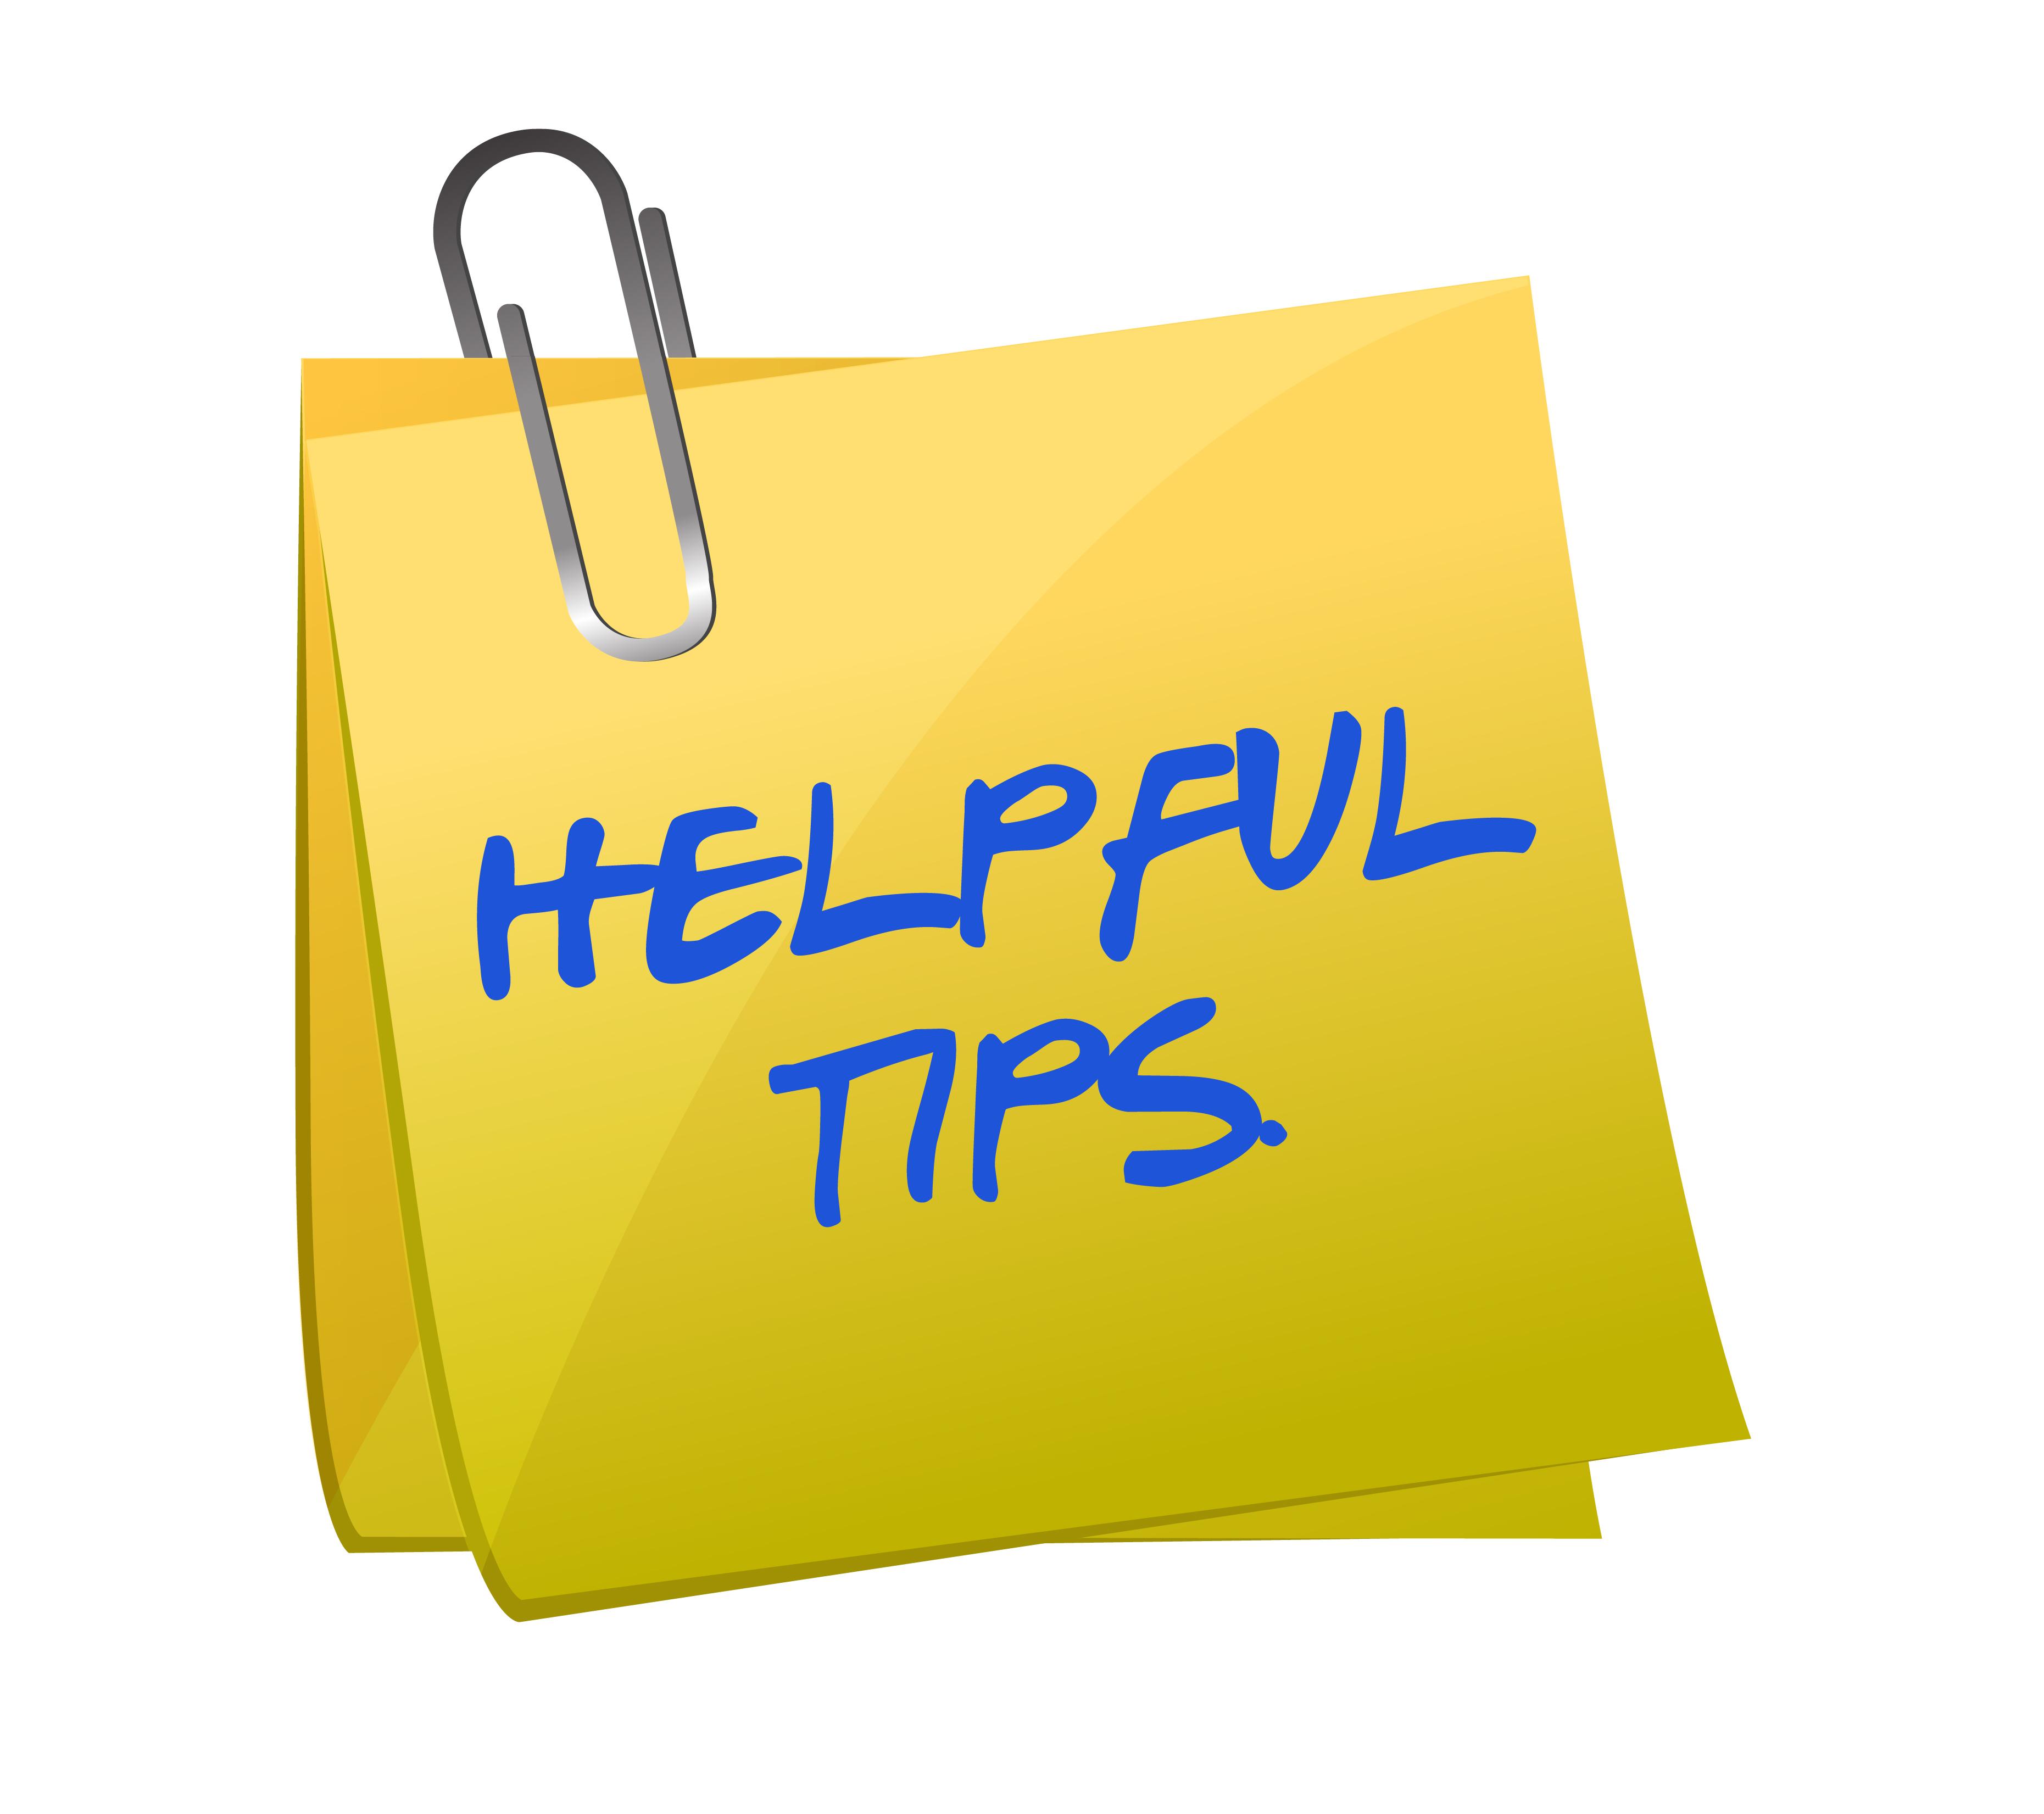 helpful tips teaser images